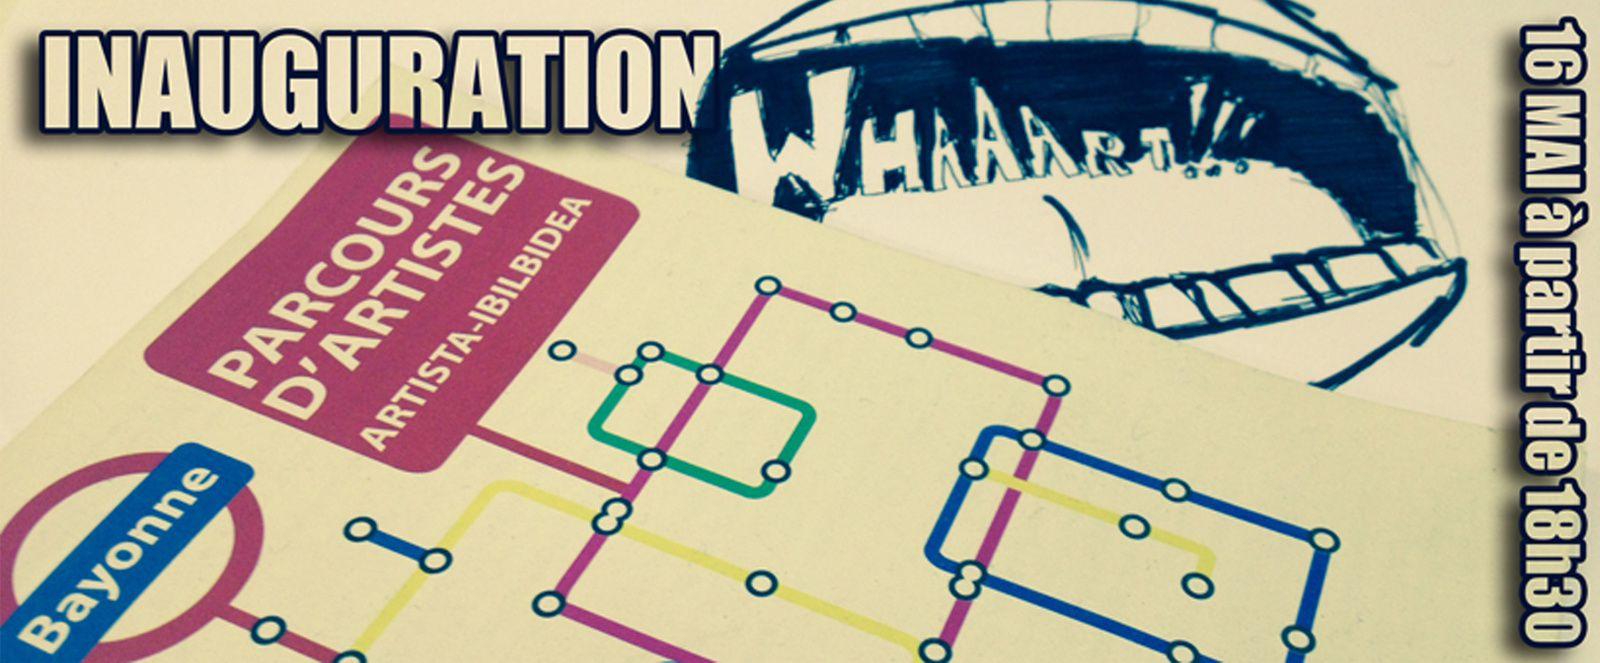 EXPOSITION &quot&#x3B;WHAAART !!!&quot&#x3B; à partir du vendredi 16/05/2014 /PARCOURS D'ARTISTES 2014 les 16/17/18 MAI 2014 à BAYONNE / NUIT DES MUSEES 2014